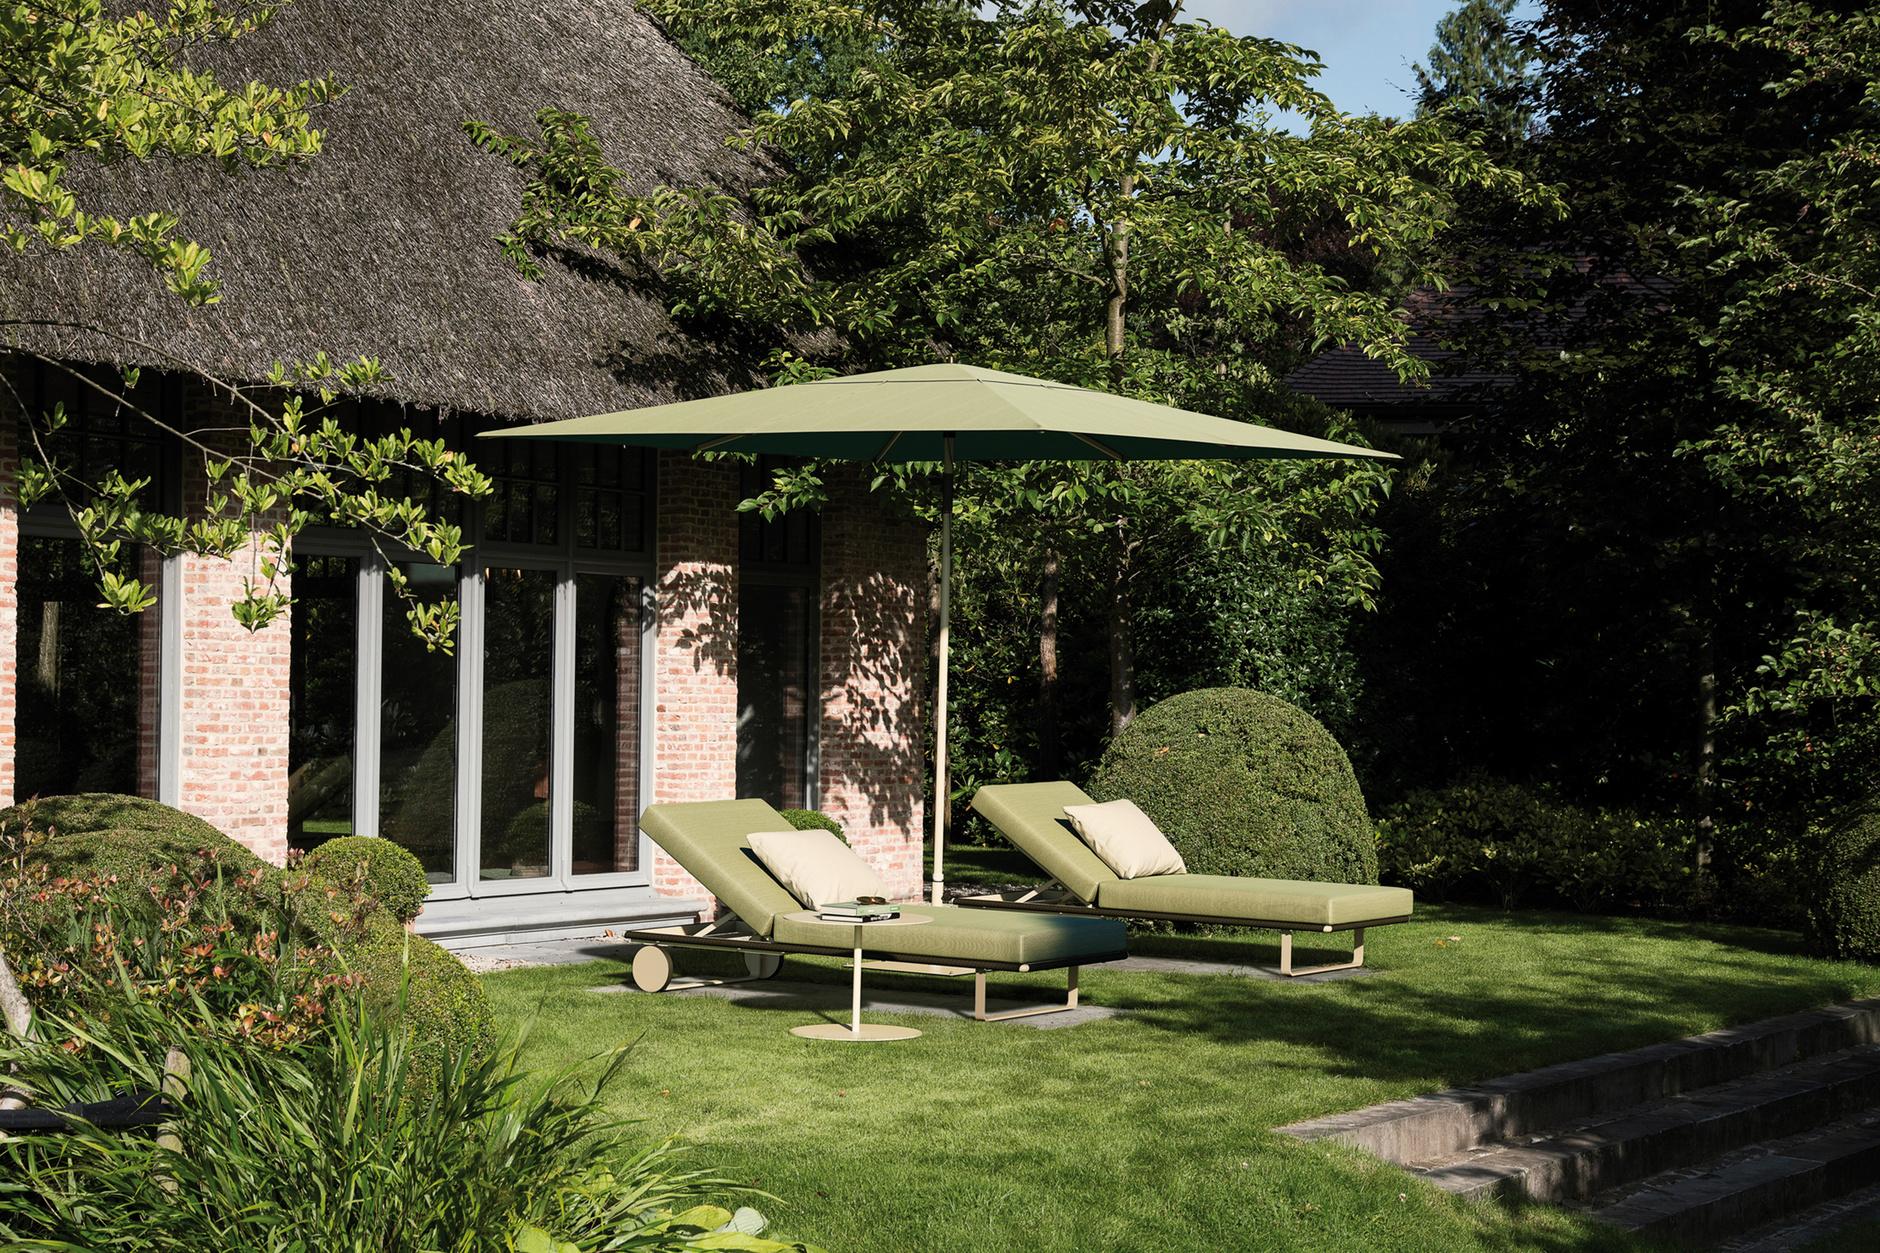 Топ 10: Модные зонты от солнца для сада и улицы (галерея 0, фото 2)